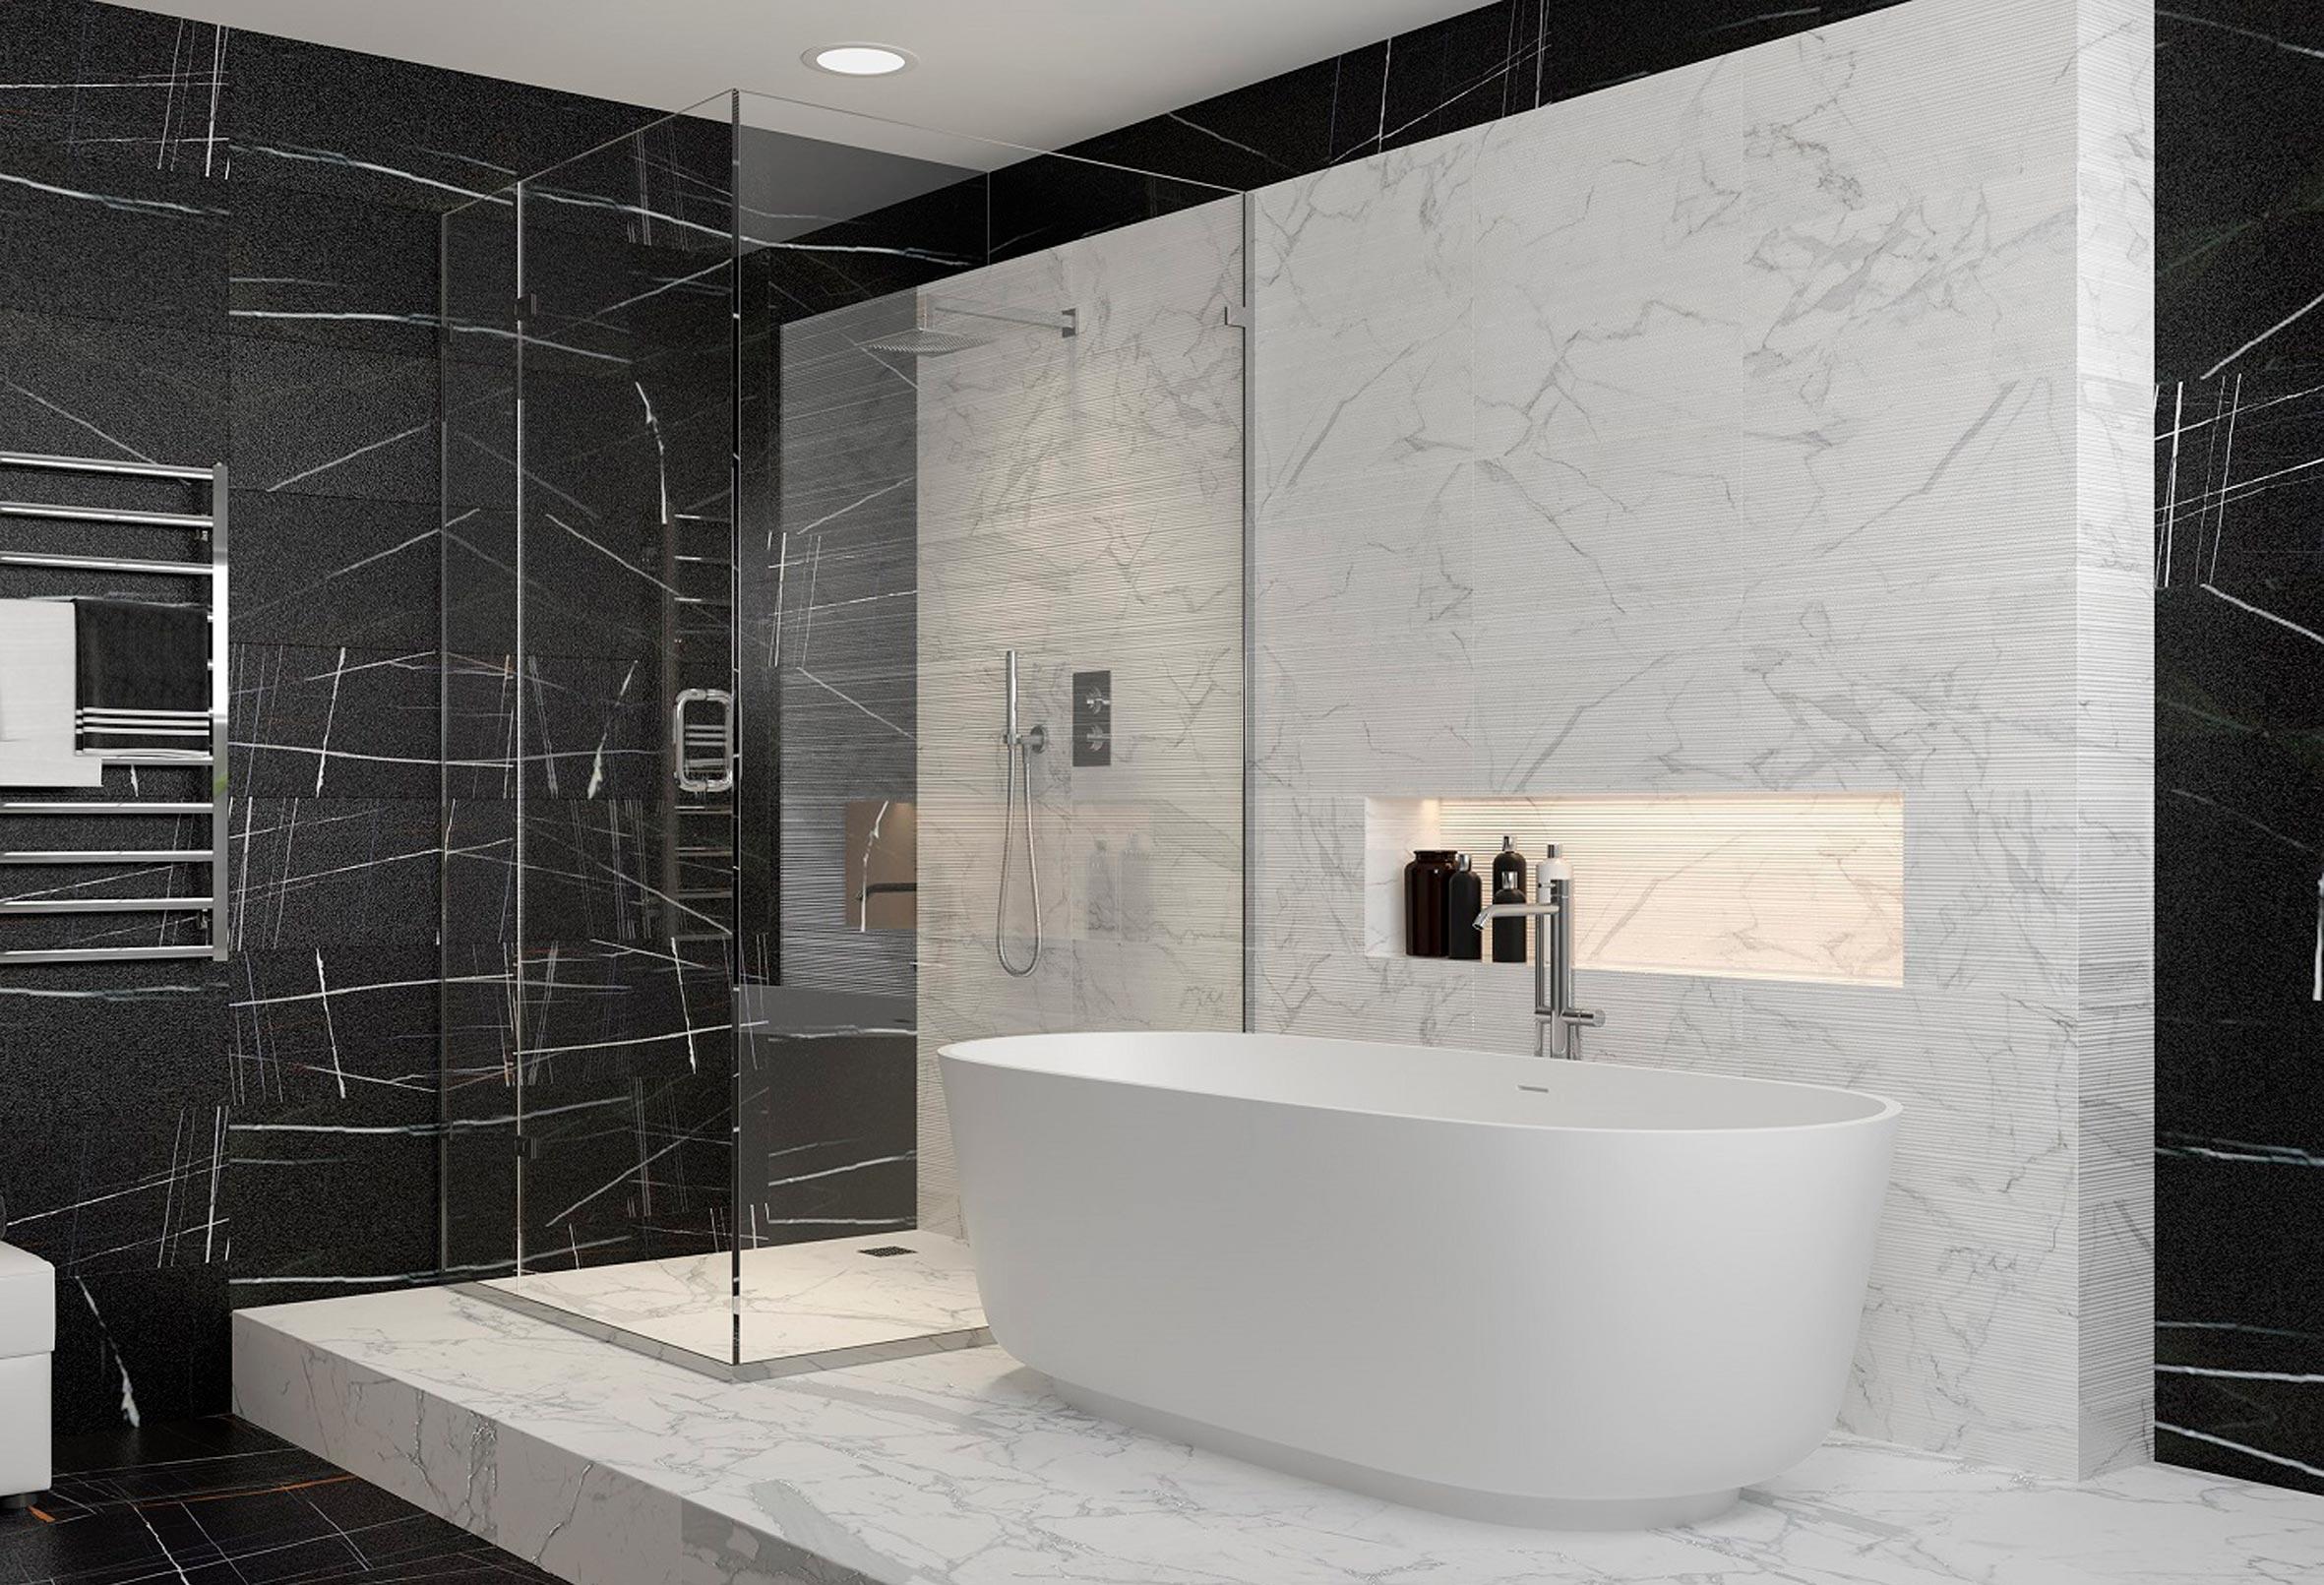 Выбор стиля для ванной комнаты в мраморе